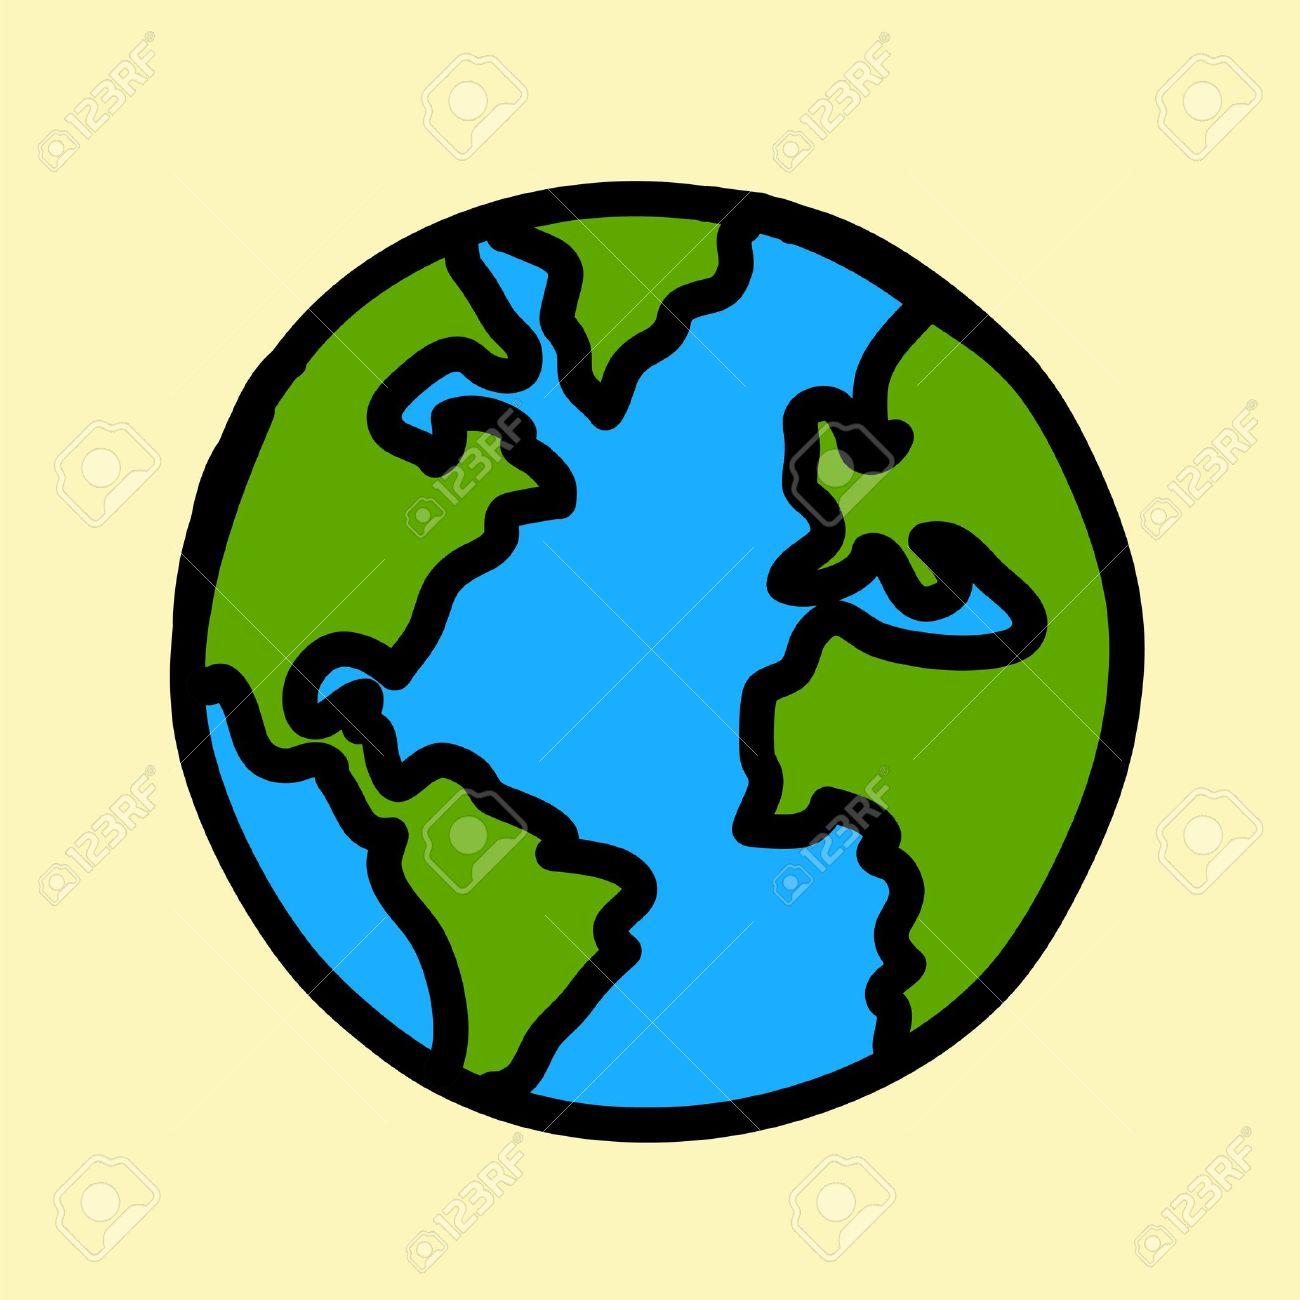 El Planeta Tierra Escritura De La Mano De Dibujos Animados Crédito Nasa